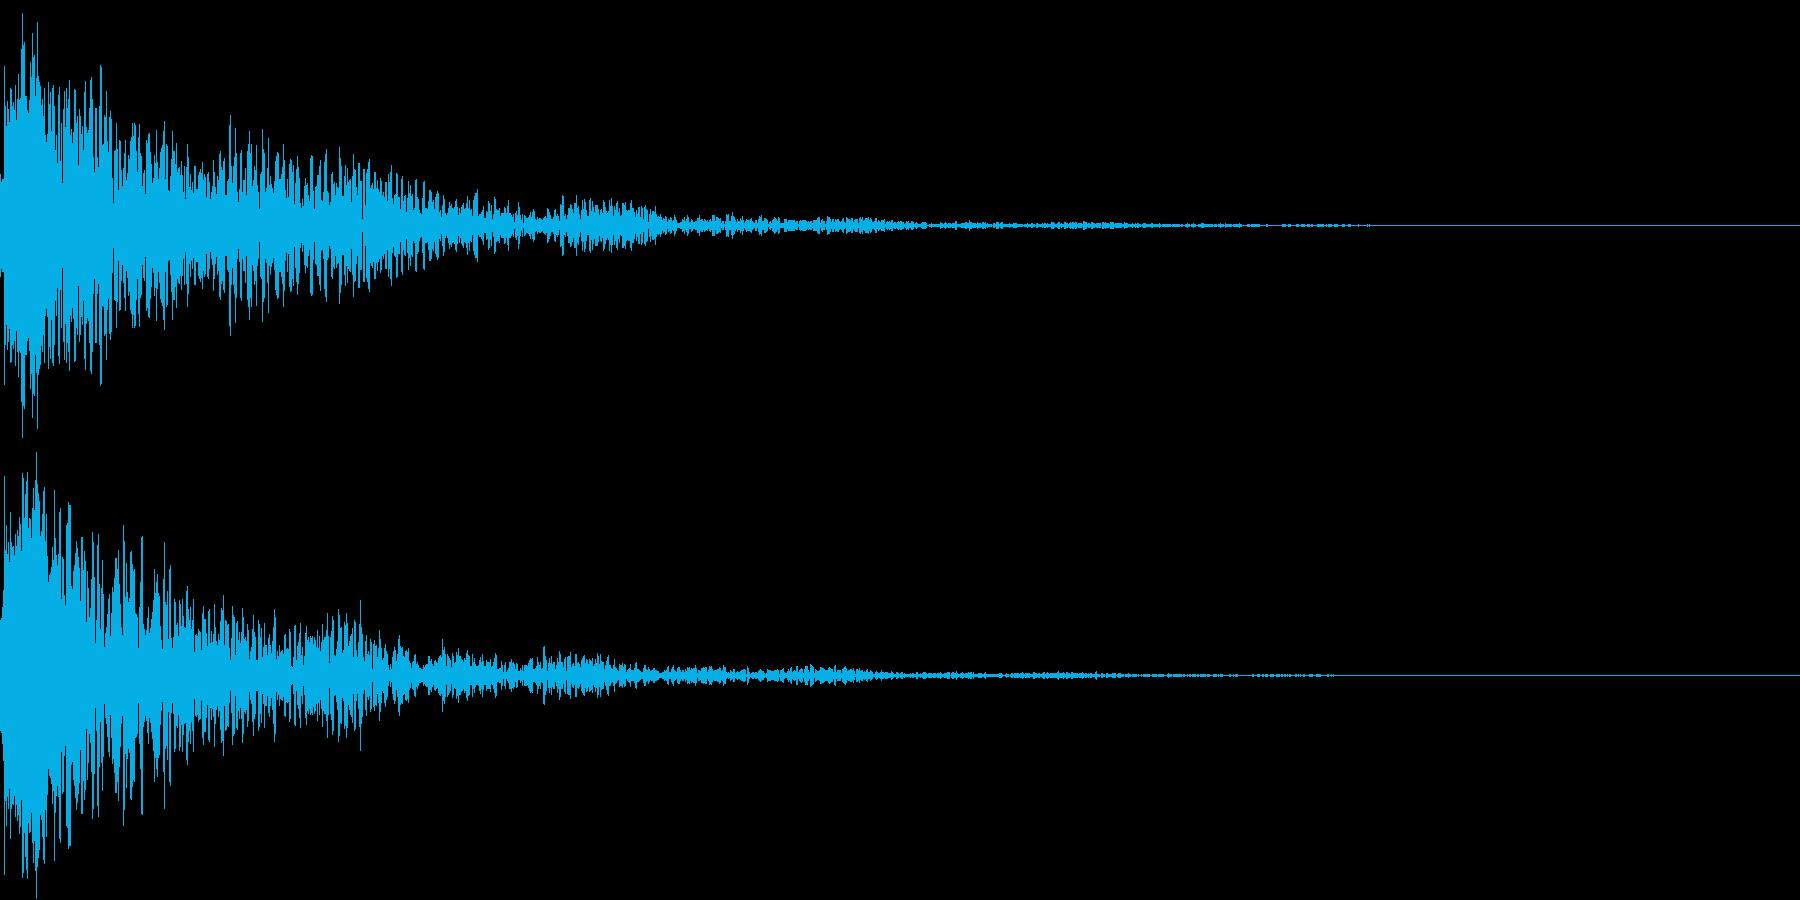 太鼓と鼓の和風インパクトジングル!02の再生済みの波形